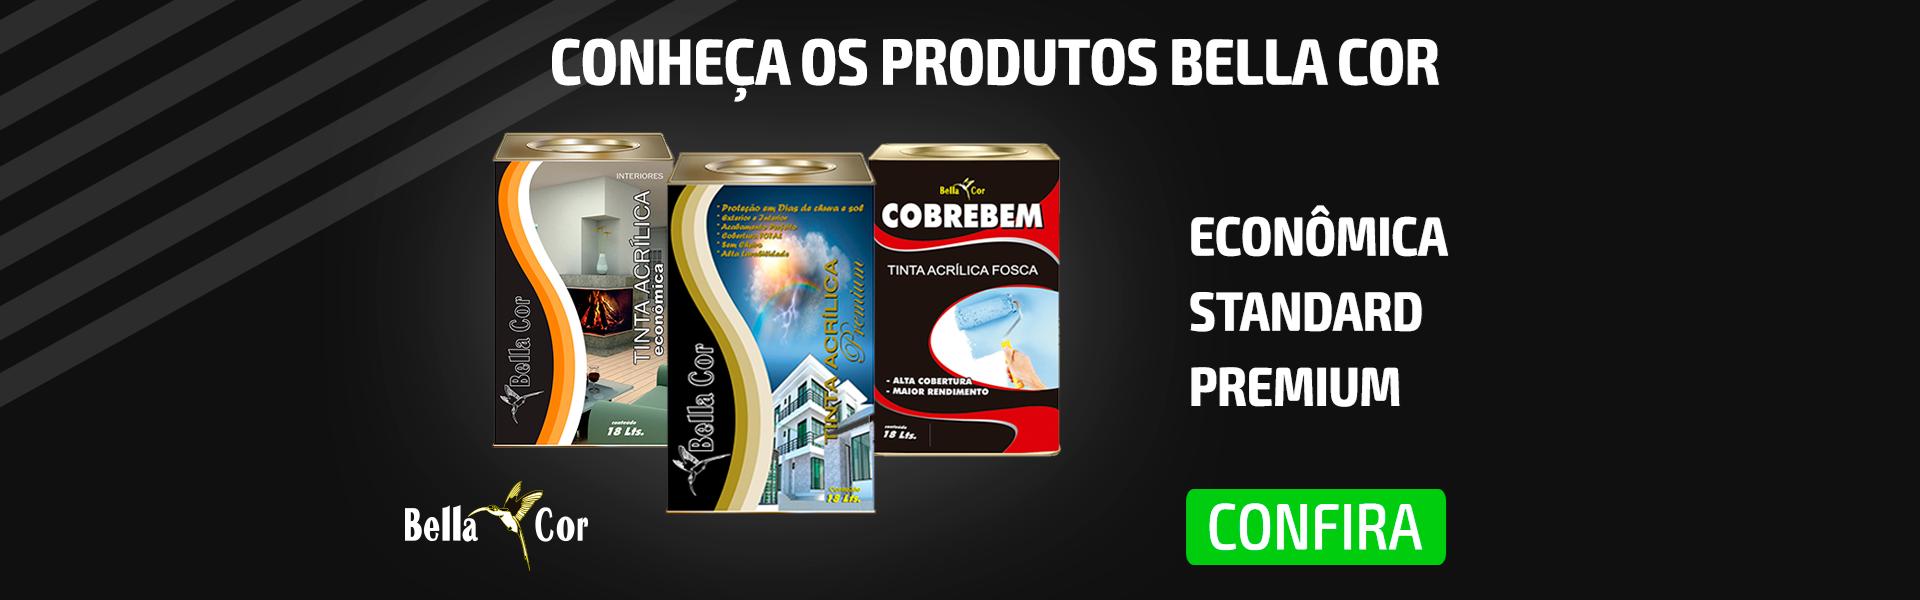 Produtos Bella Cor